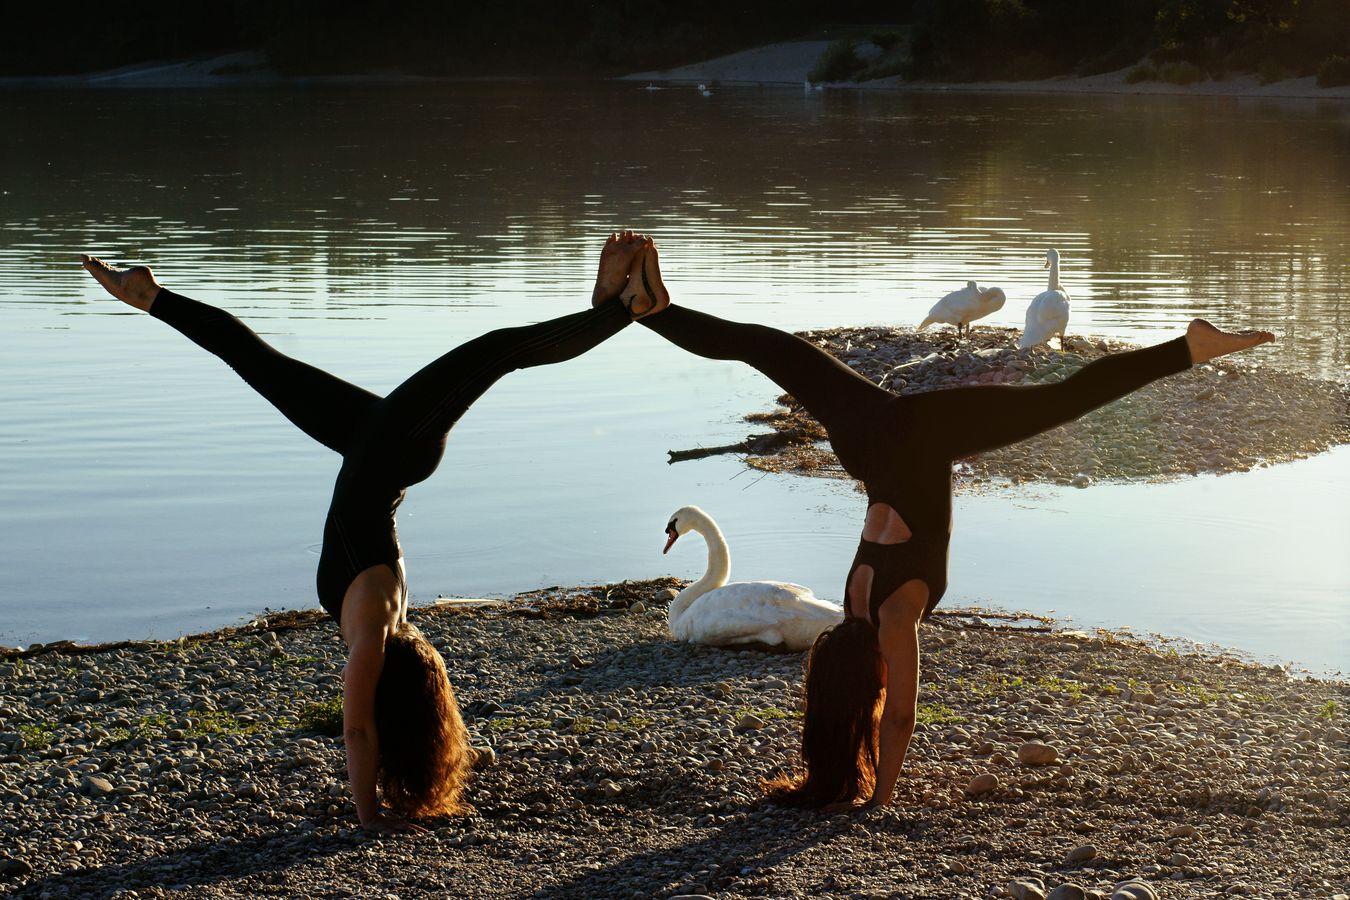 Iona et Marine sont en équilibre, leurs jambes crochetées dessinent une arche. La figure de cirque devient alors un portail vers les cygnes de Miribel.